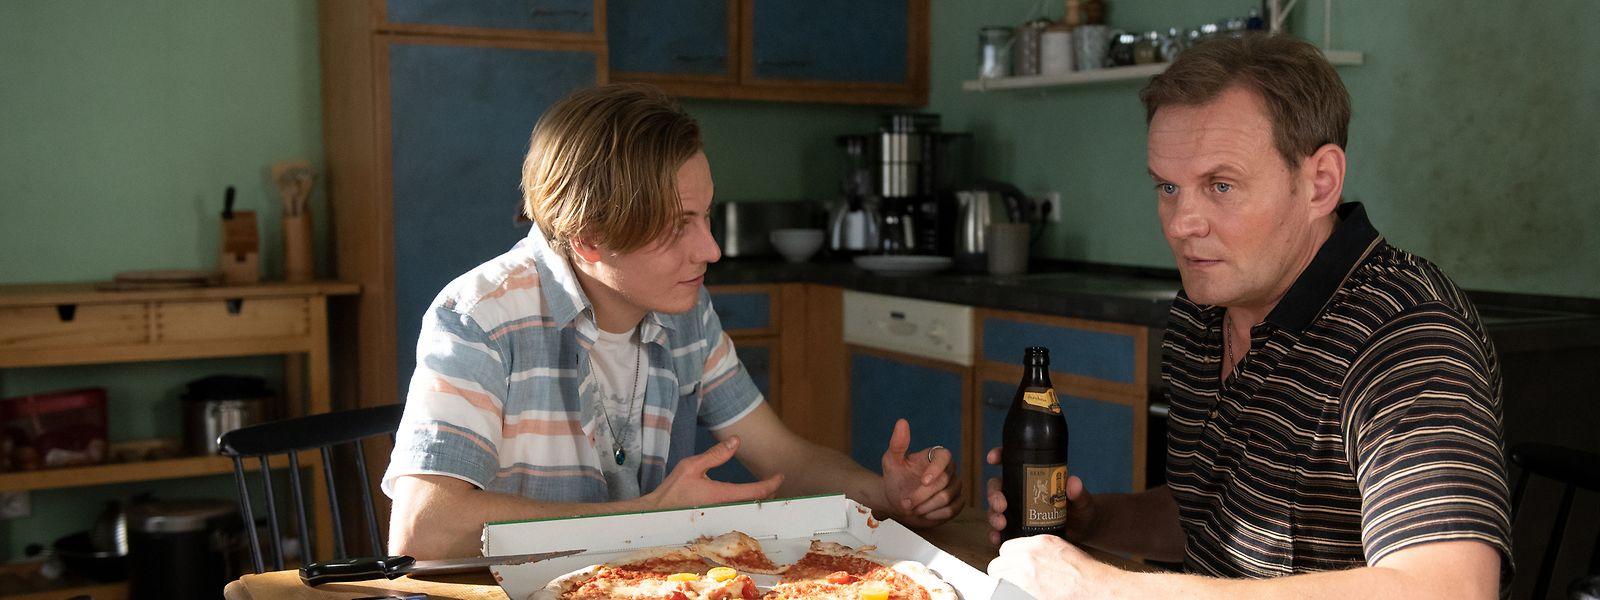 Sorgt mit seinem Einzug für Unruhe: Niklas Wagner (Max Schimmelpfennig, l.) stößt auf wenig Verständnis für seine derzeitige Situation bei Vater Michael (Devid Striesow).